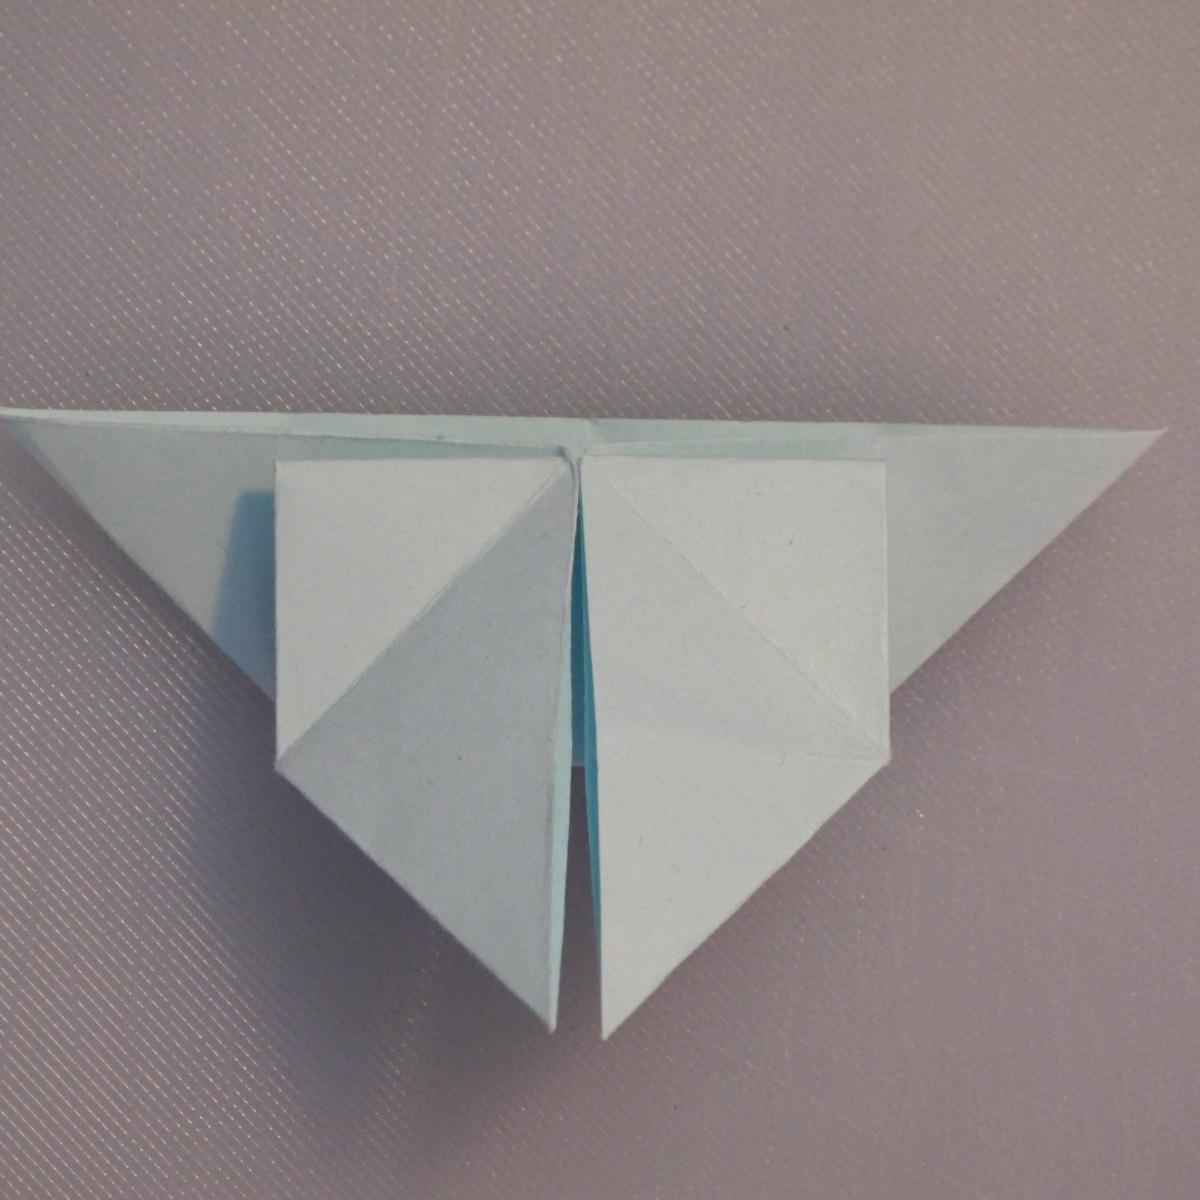 วิธีพับกระดาษเป็นรูปผีเสื้อ 013